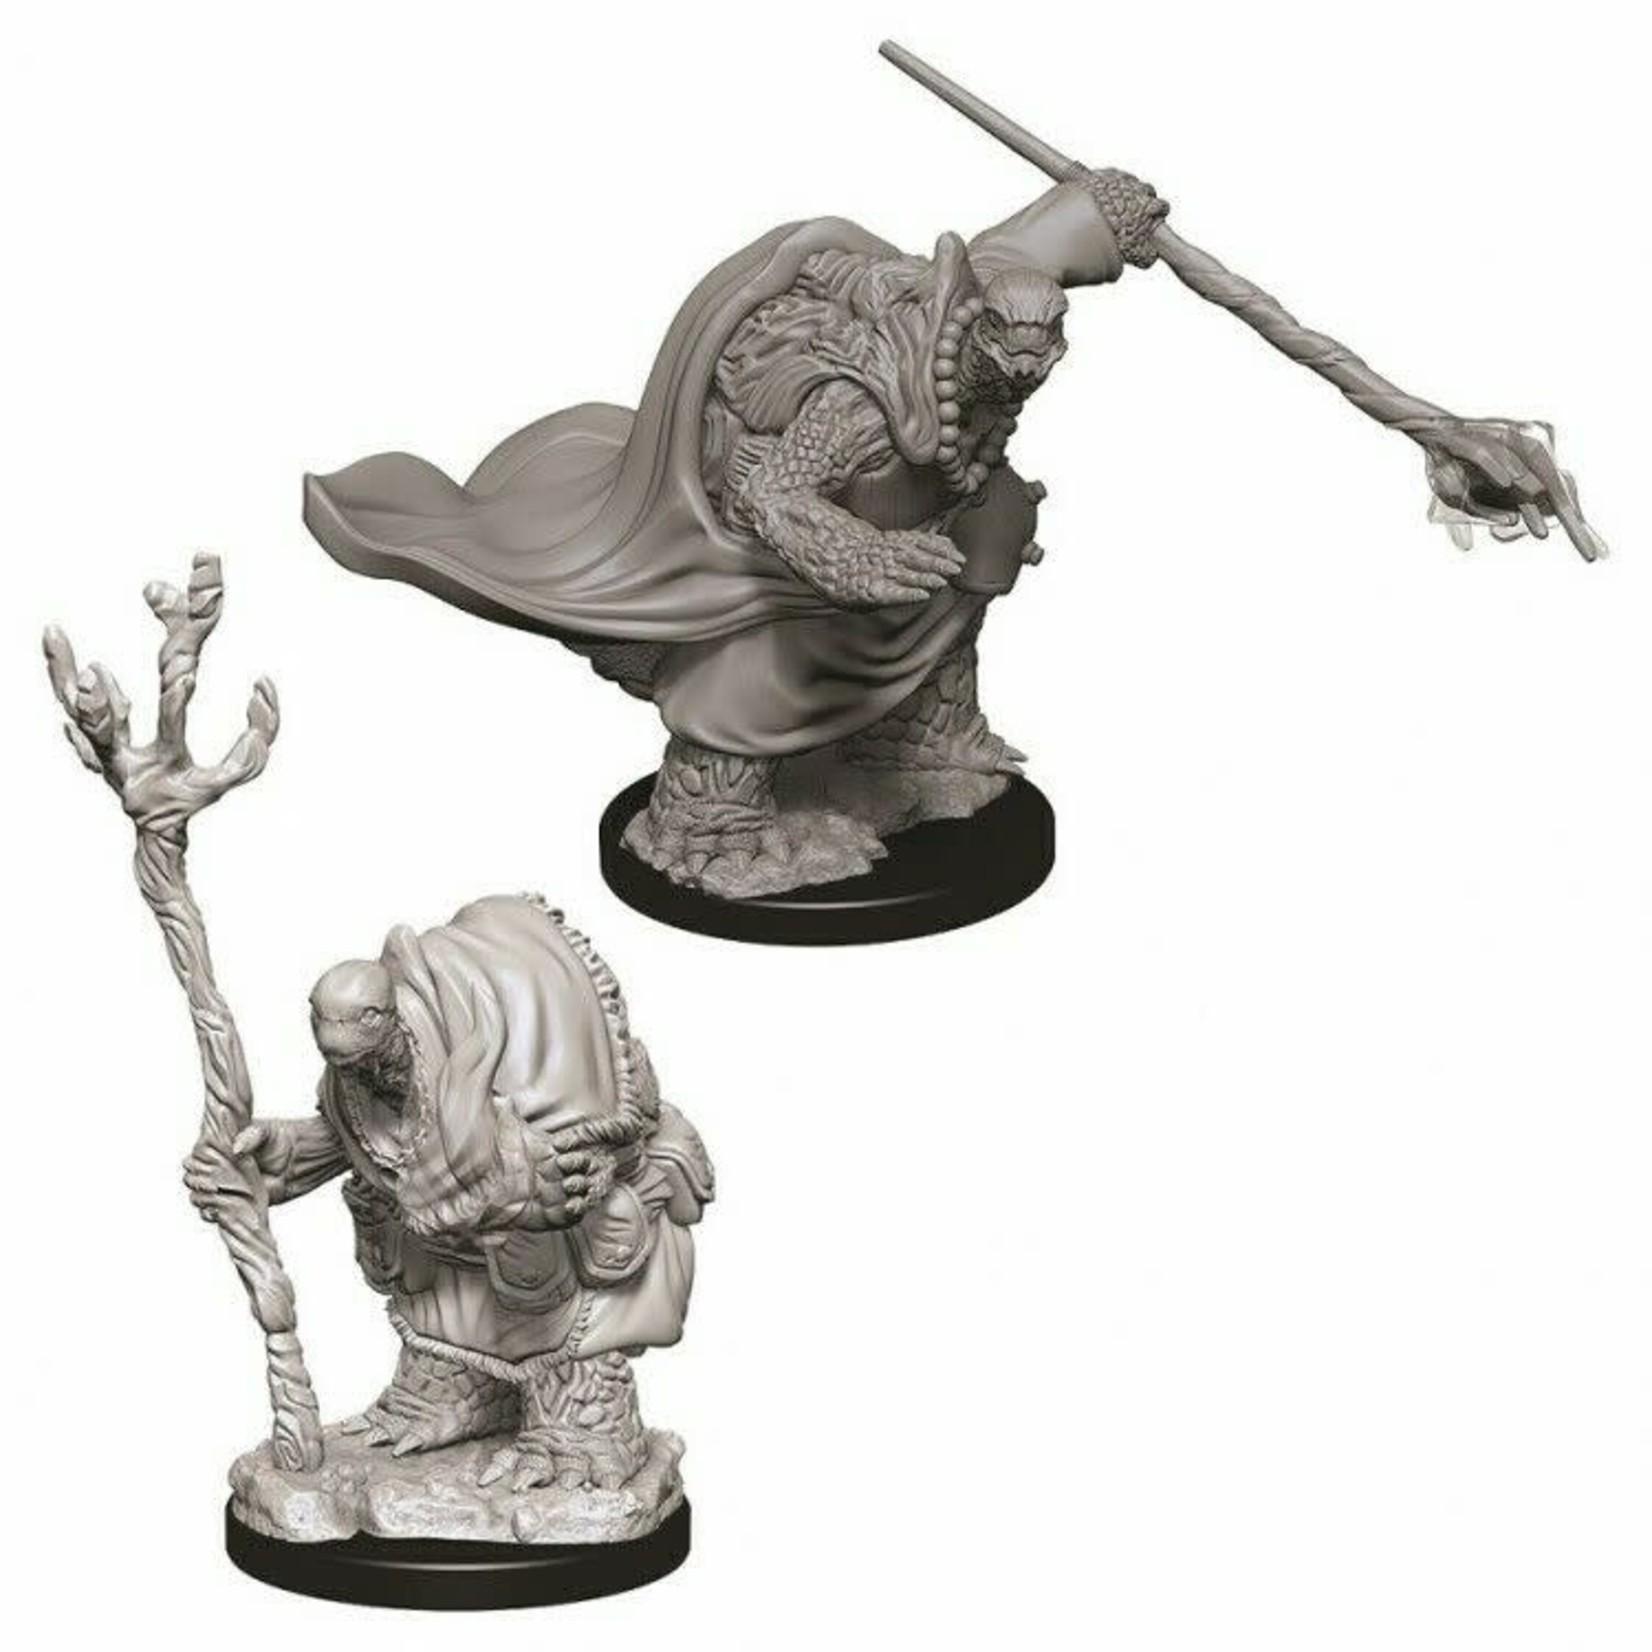 WizKids Dungeons & Dragons Nolzur's Marvelous Miniatures: Tortles Adventurers